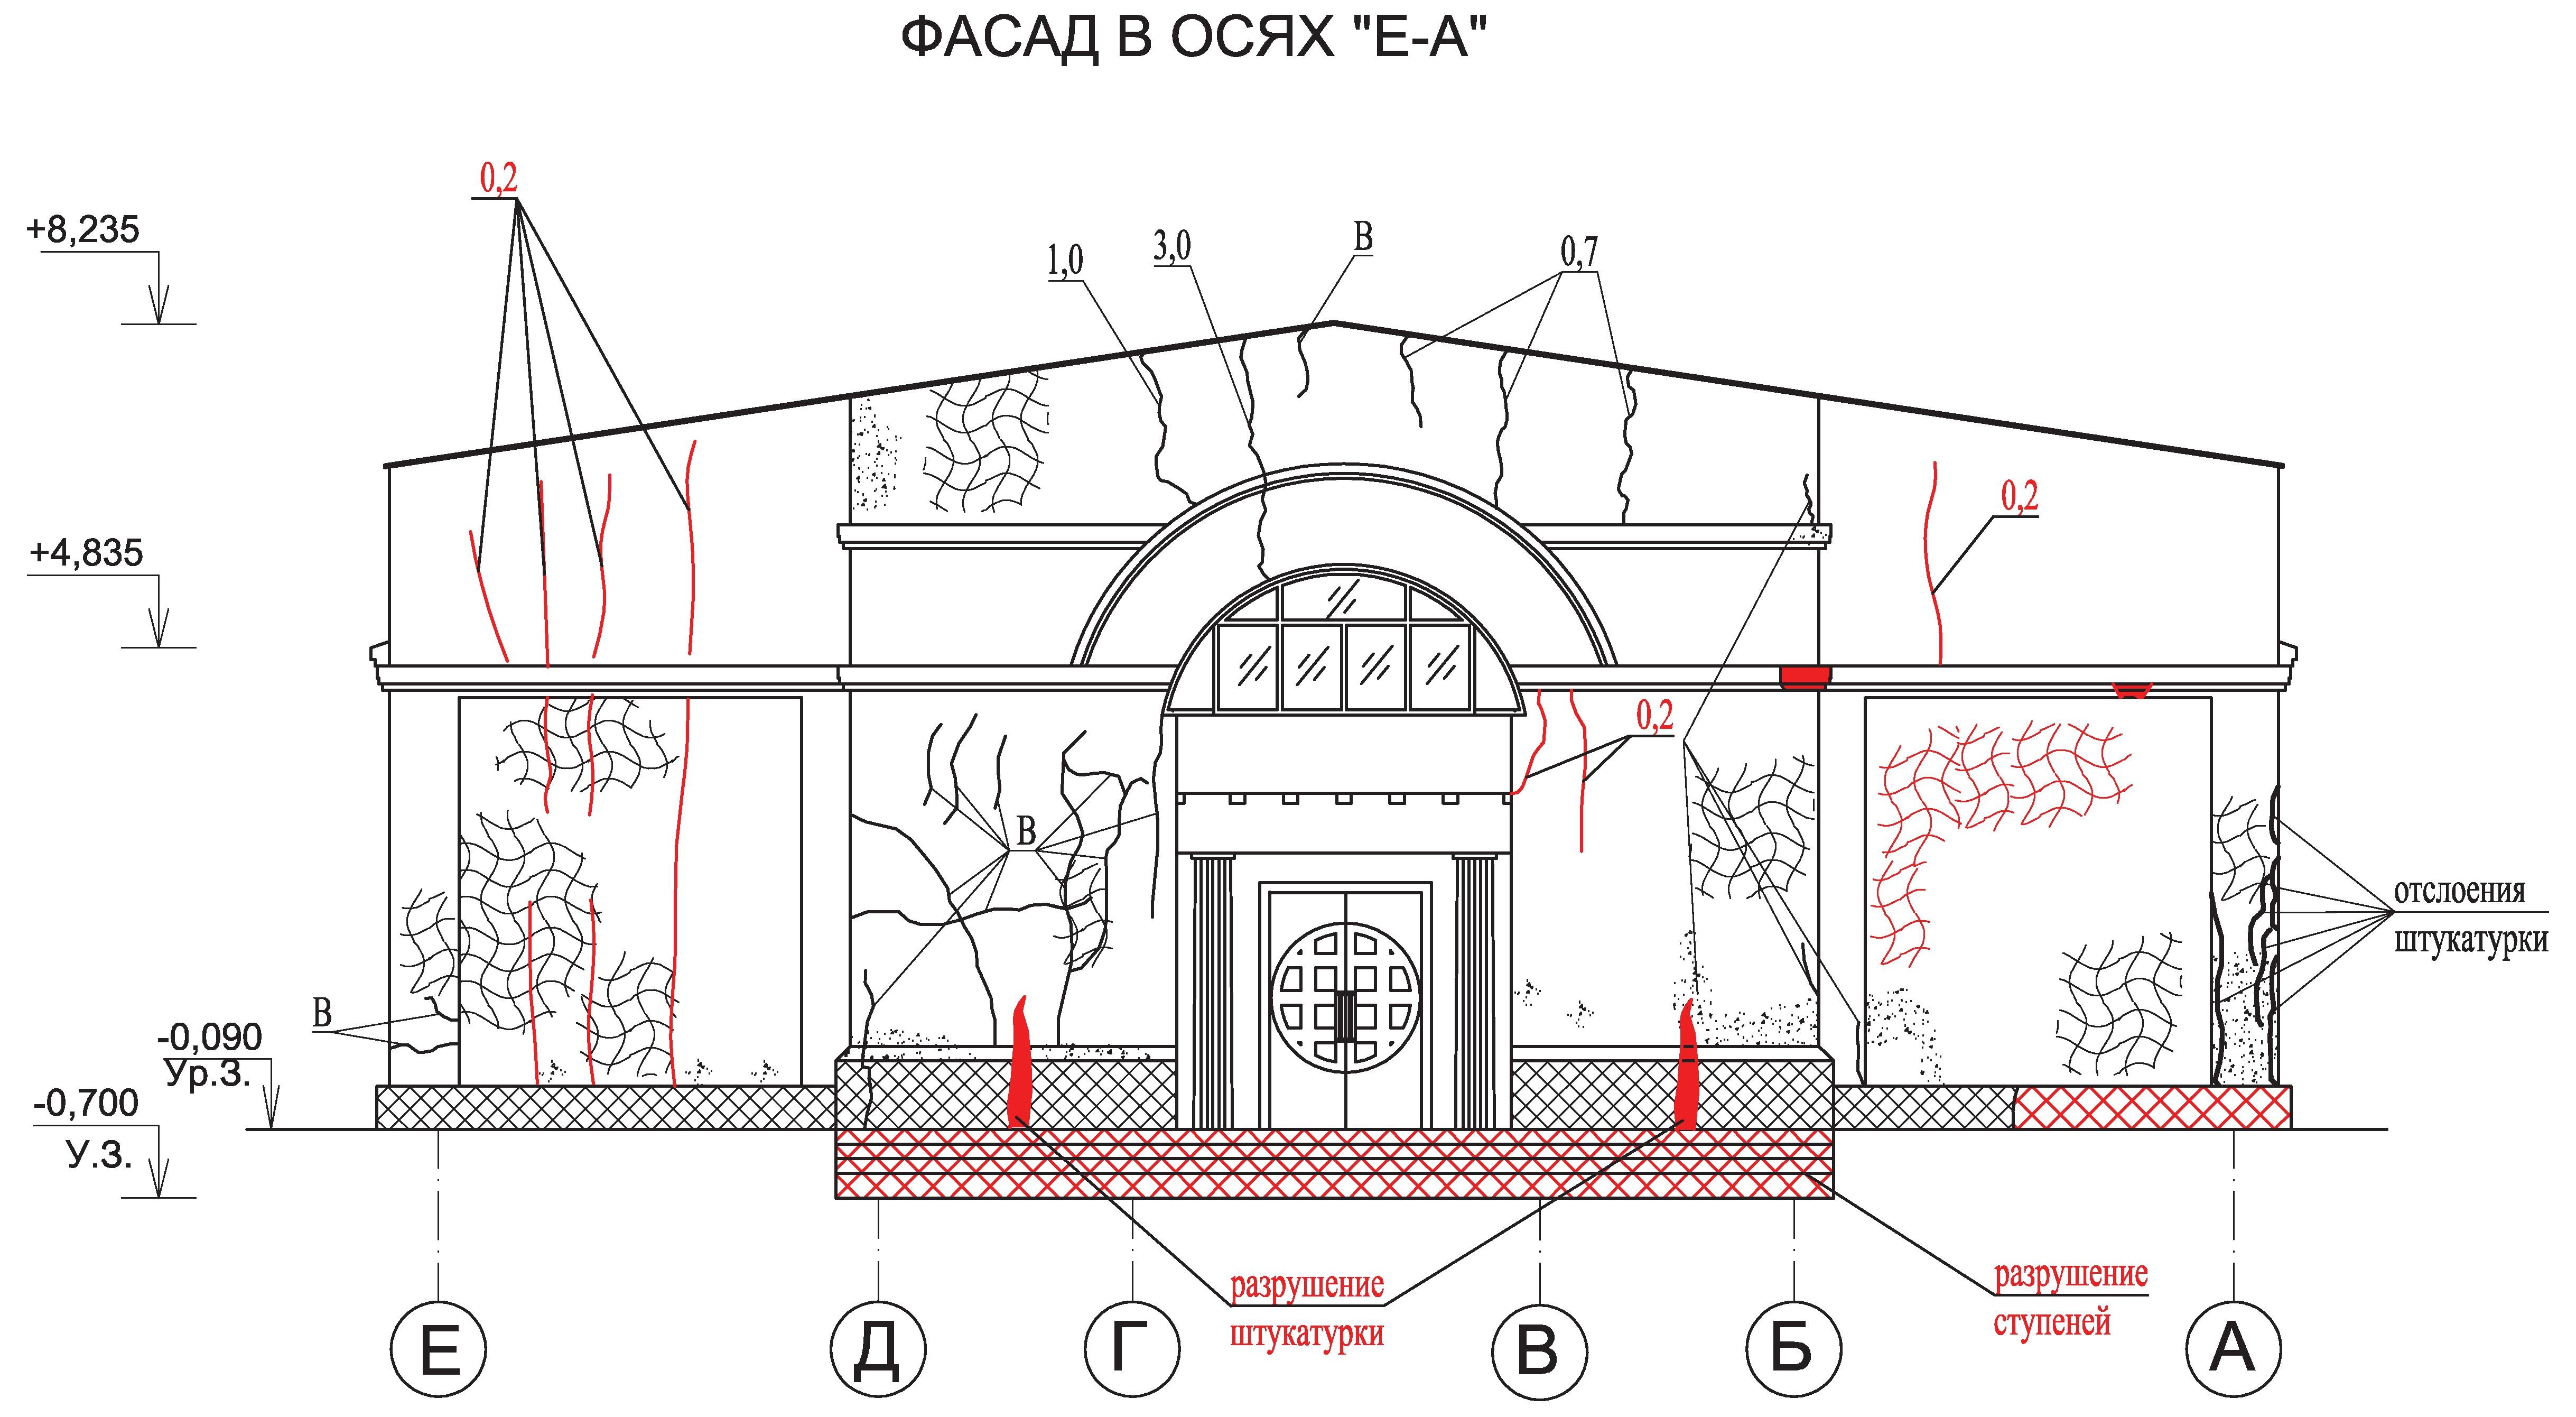 Технический журнал по эксплуатации производственного здания